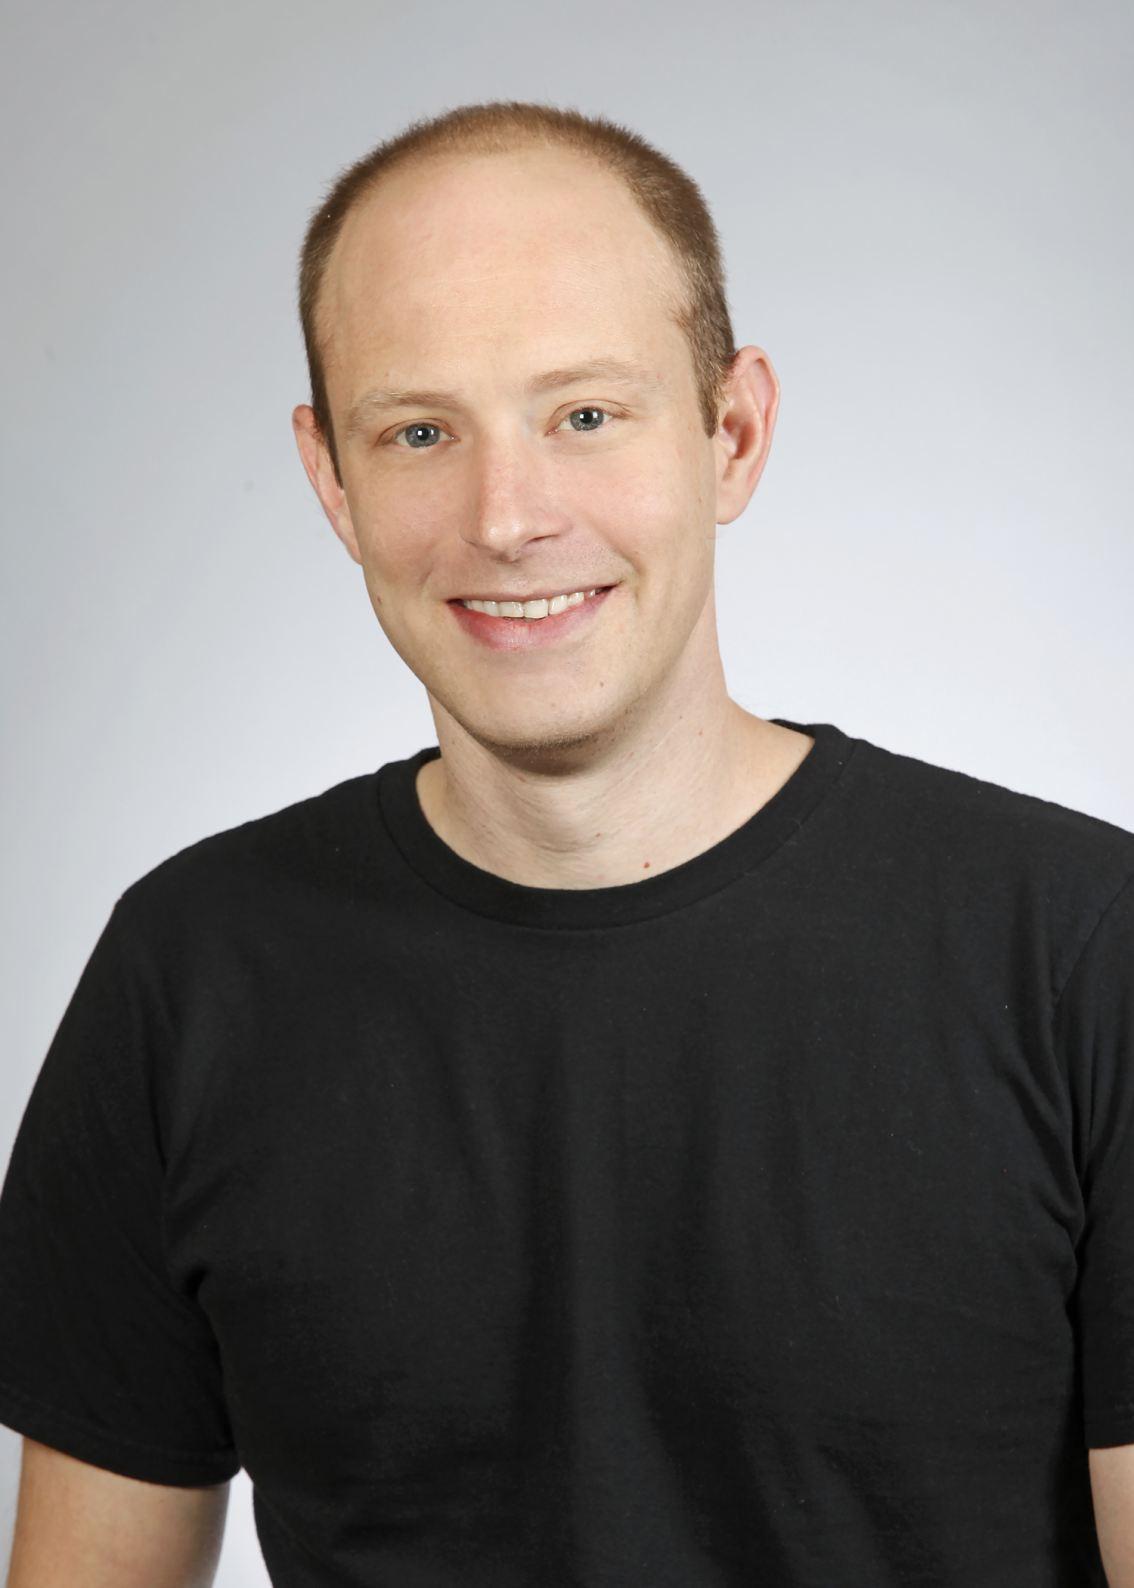 zlien CEO, Scott Wolfe, Jr.